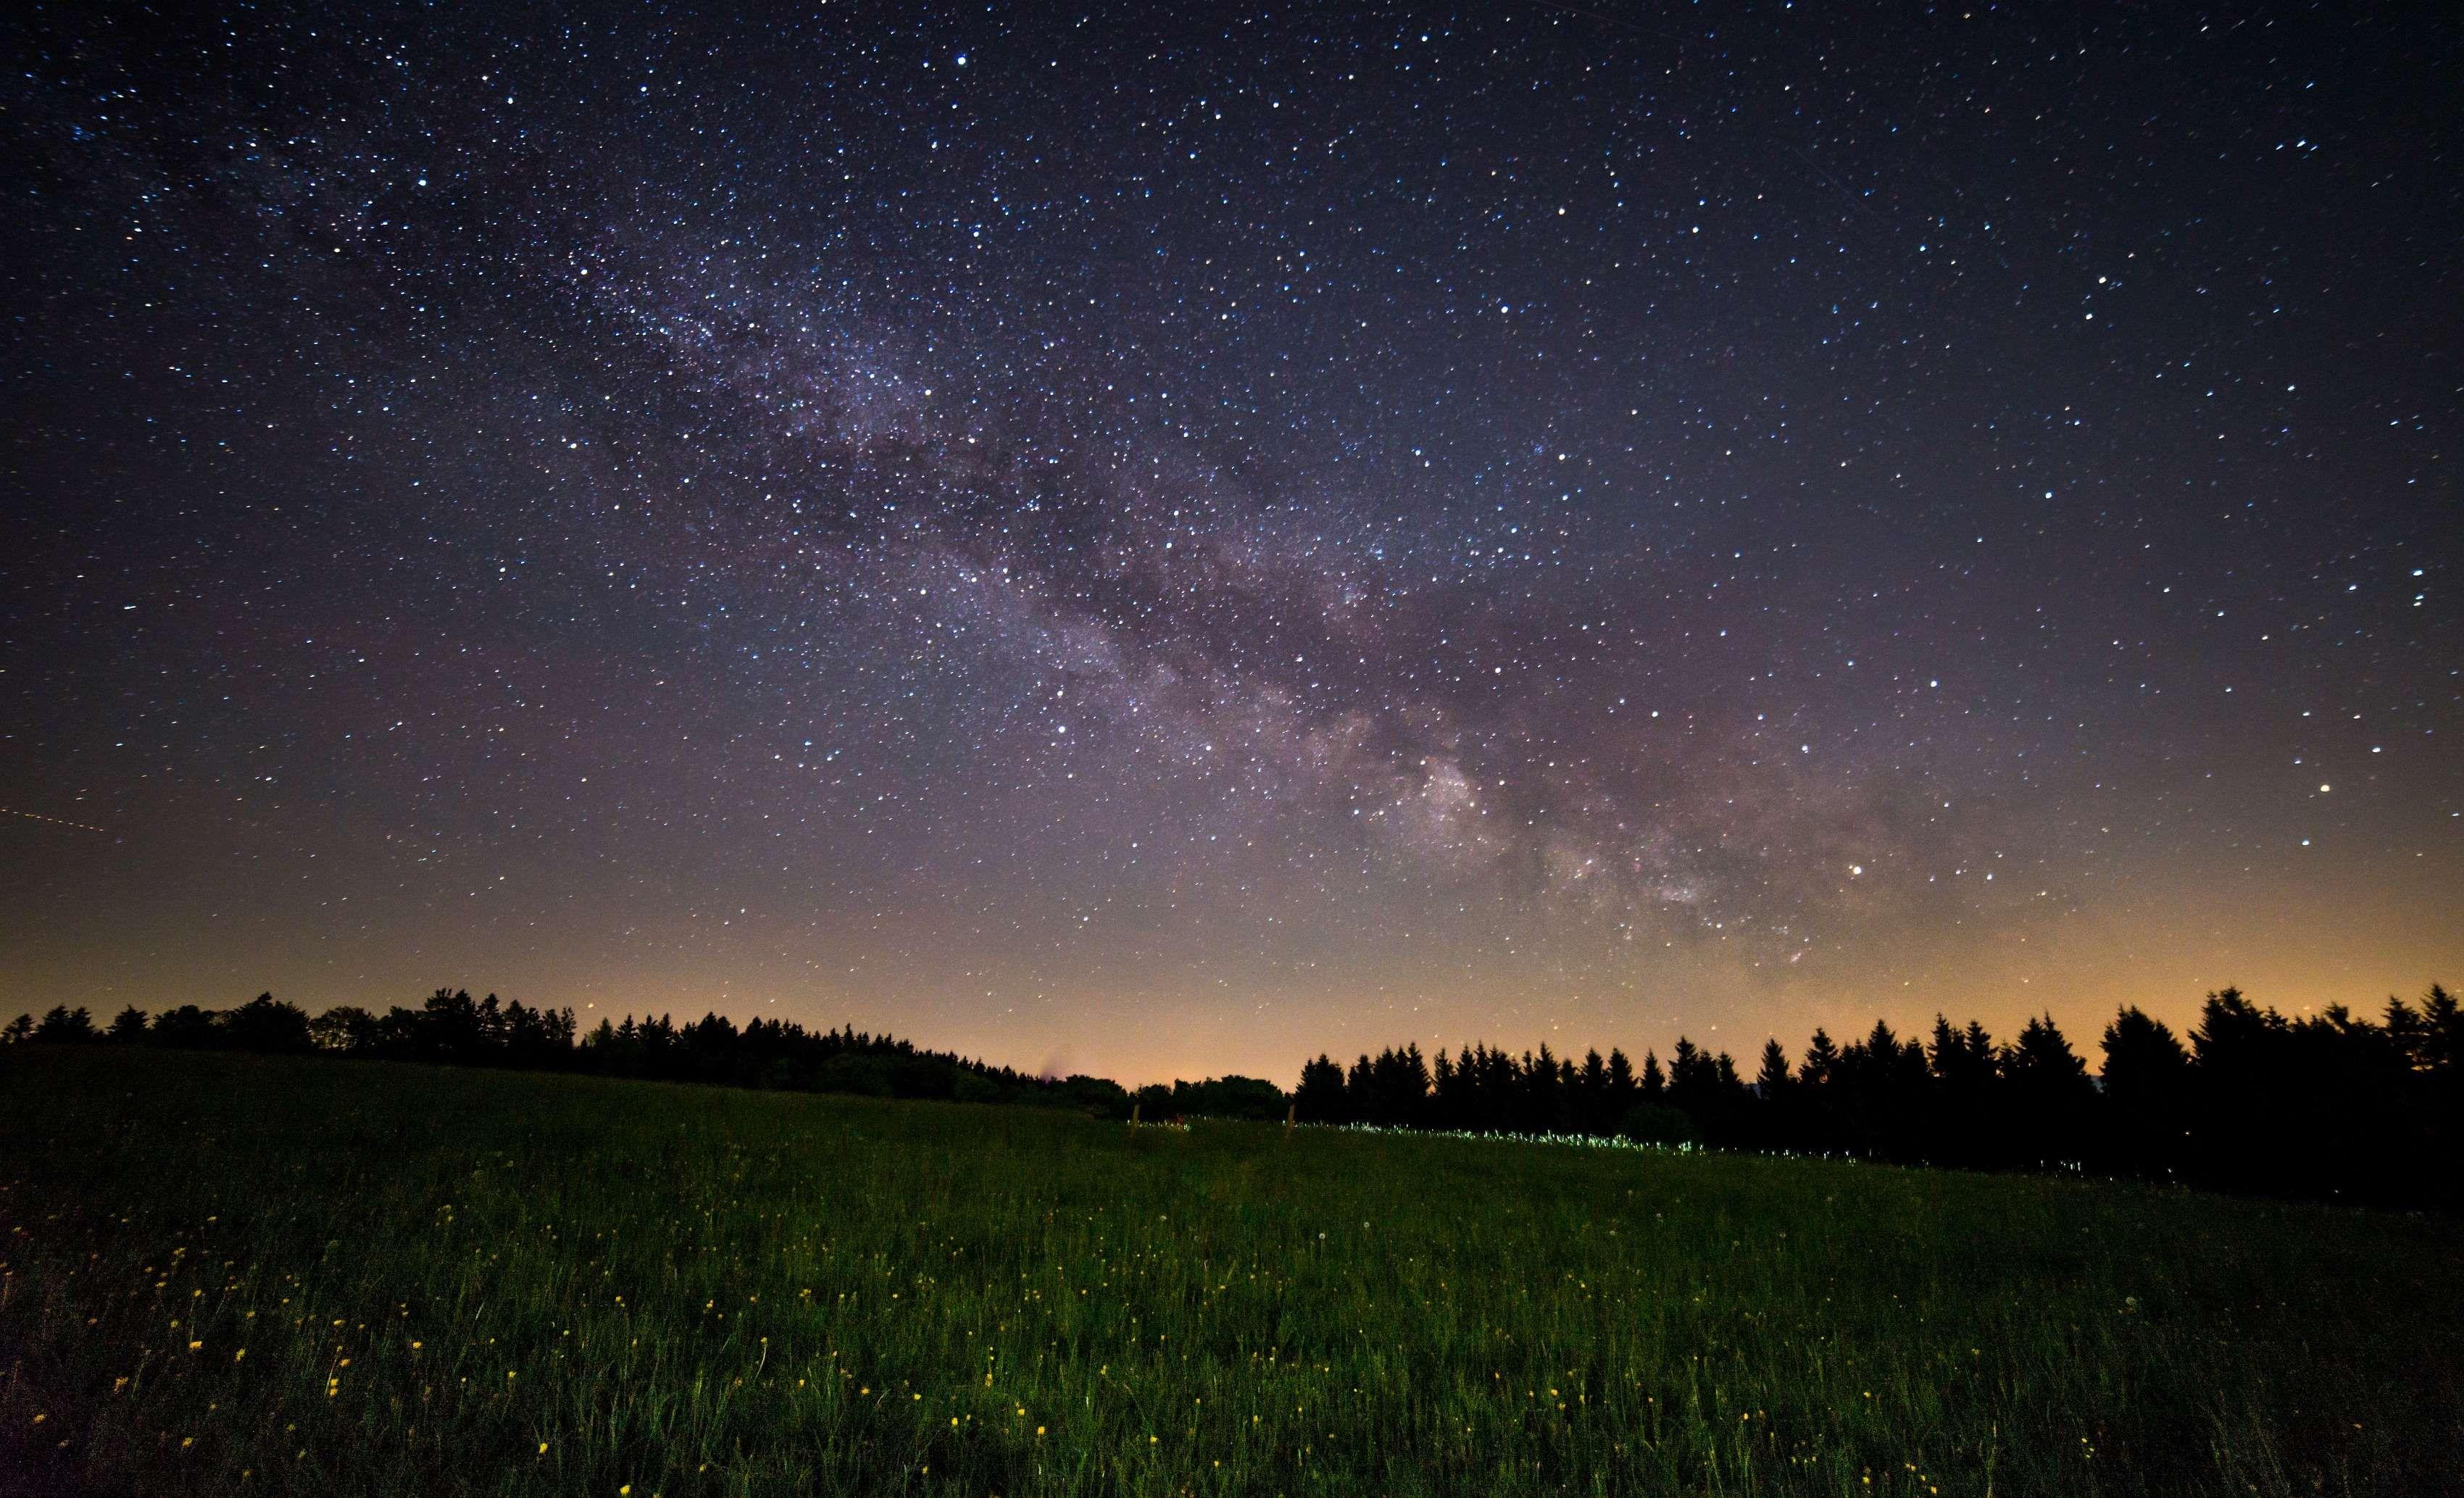 Astronomy Constellation Cosmos Dark Exploration Field Milky Way Nature Night Night Sky Outdoors Sky Star Starry Starry Pejzazhi Galaktiki Kosmos